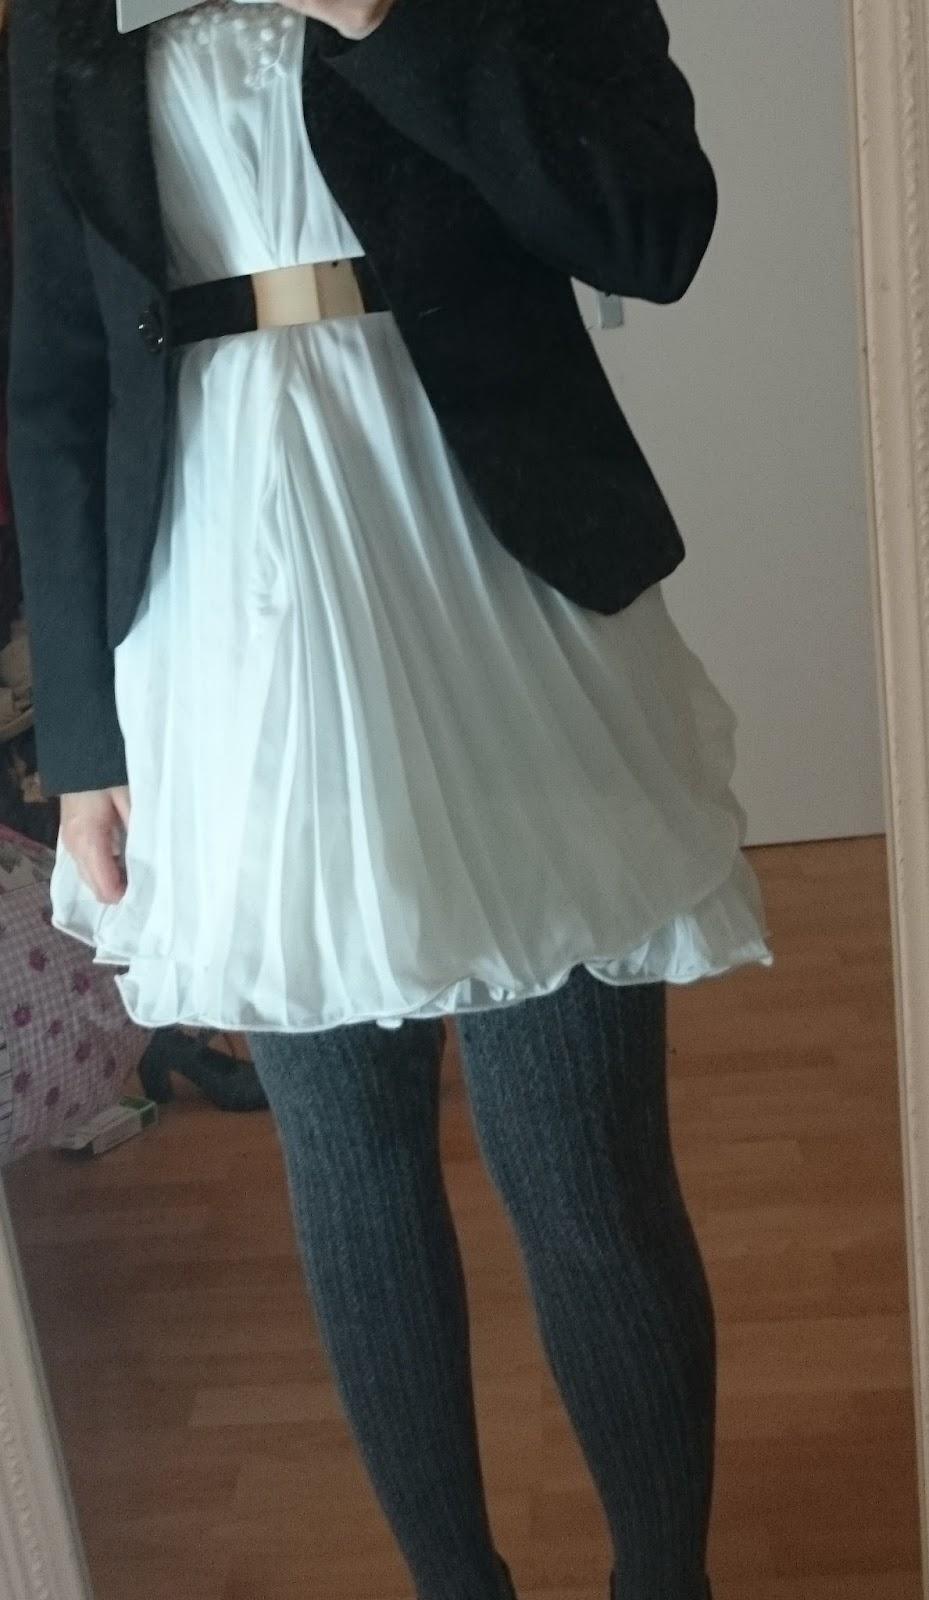 Weißes Kleid winterlich kombiniert